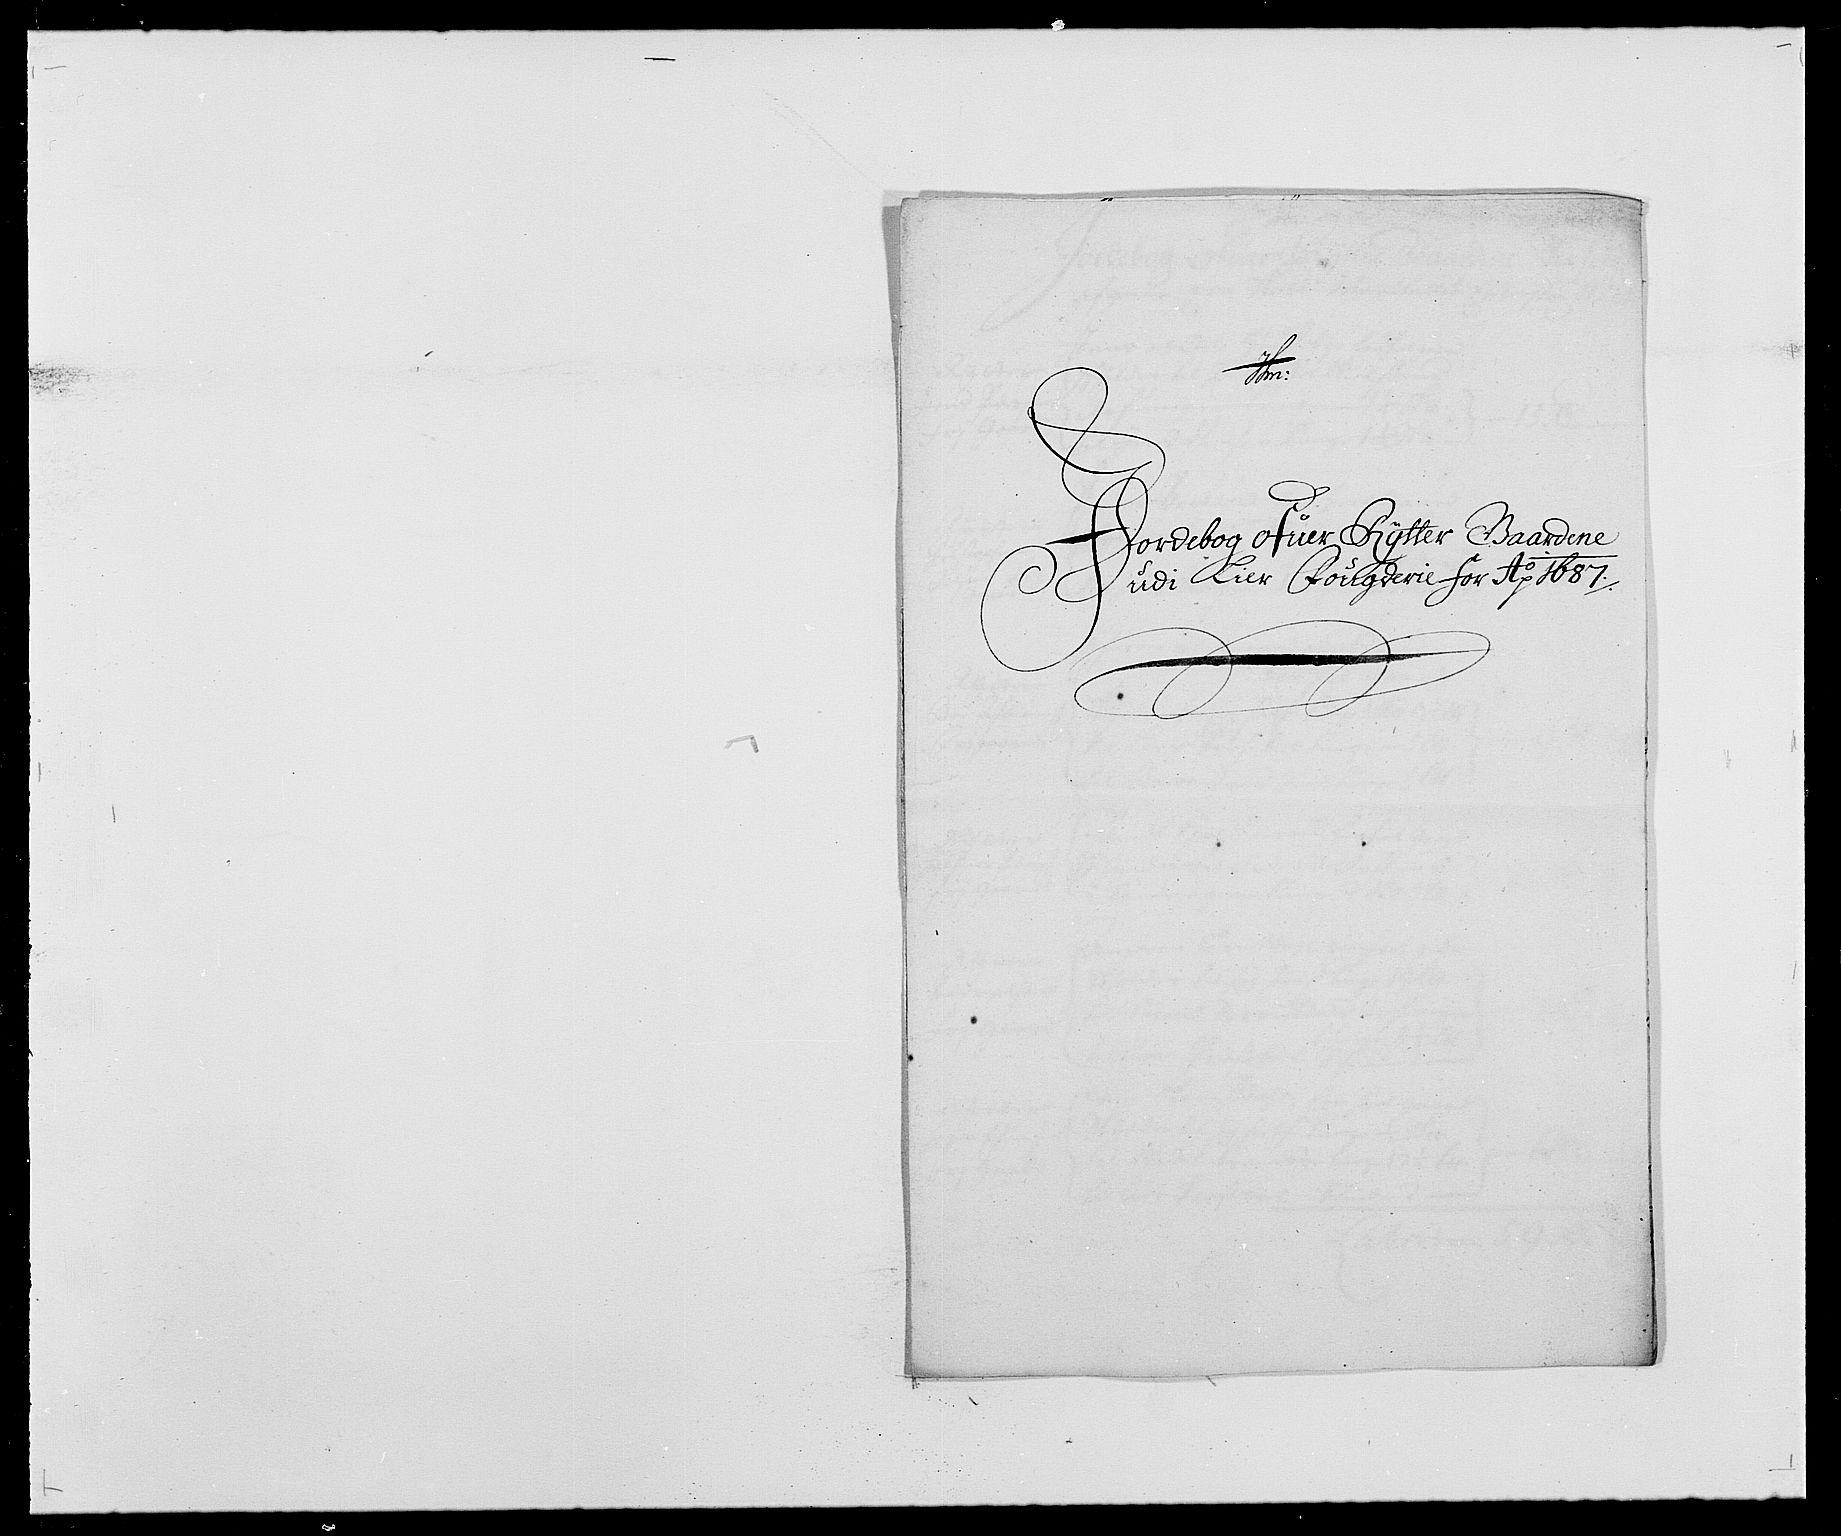 RA, Rentekammeret inntil 1814, Reviderte regnskaper, Fogderegnskap, R28/L1688: Fogderegnskap Eiker og Lier, 1687-1689, s. 137